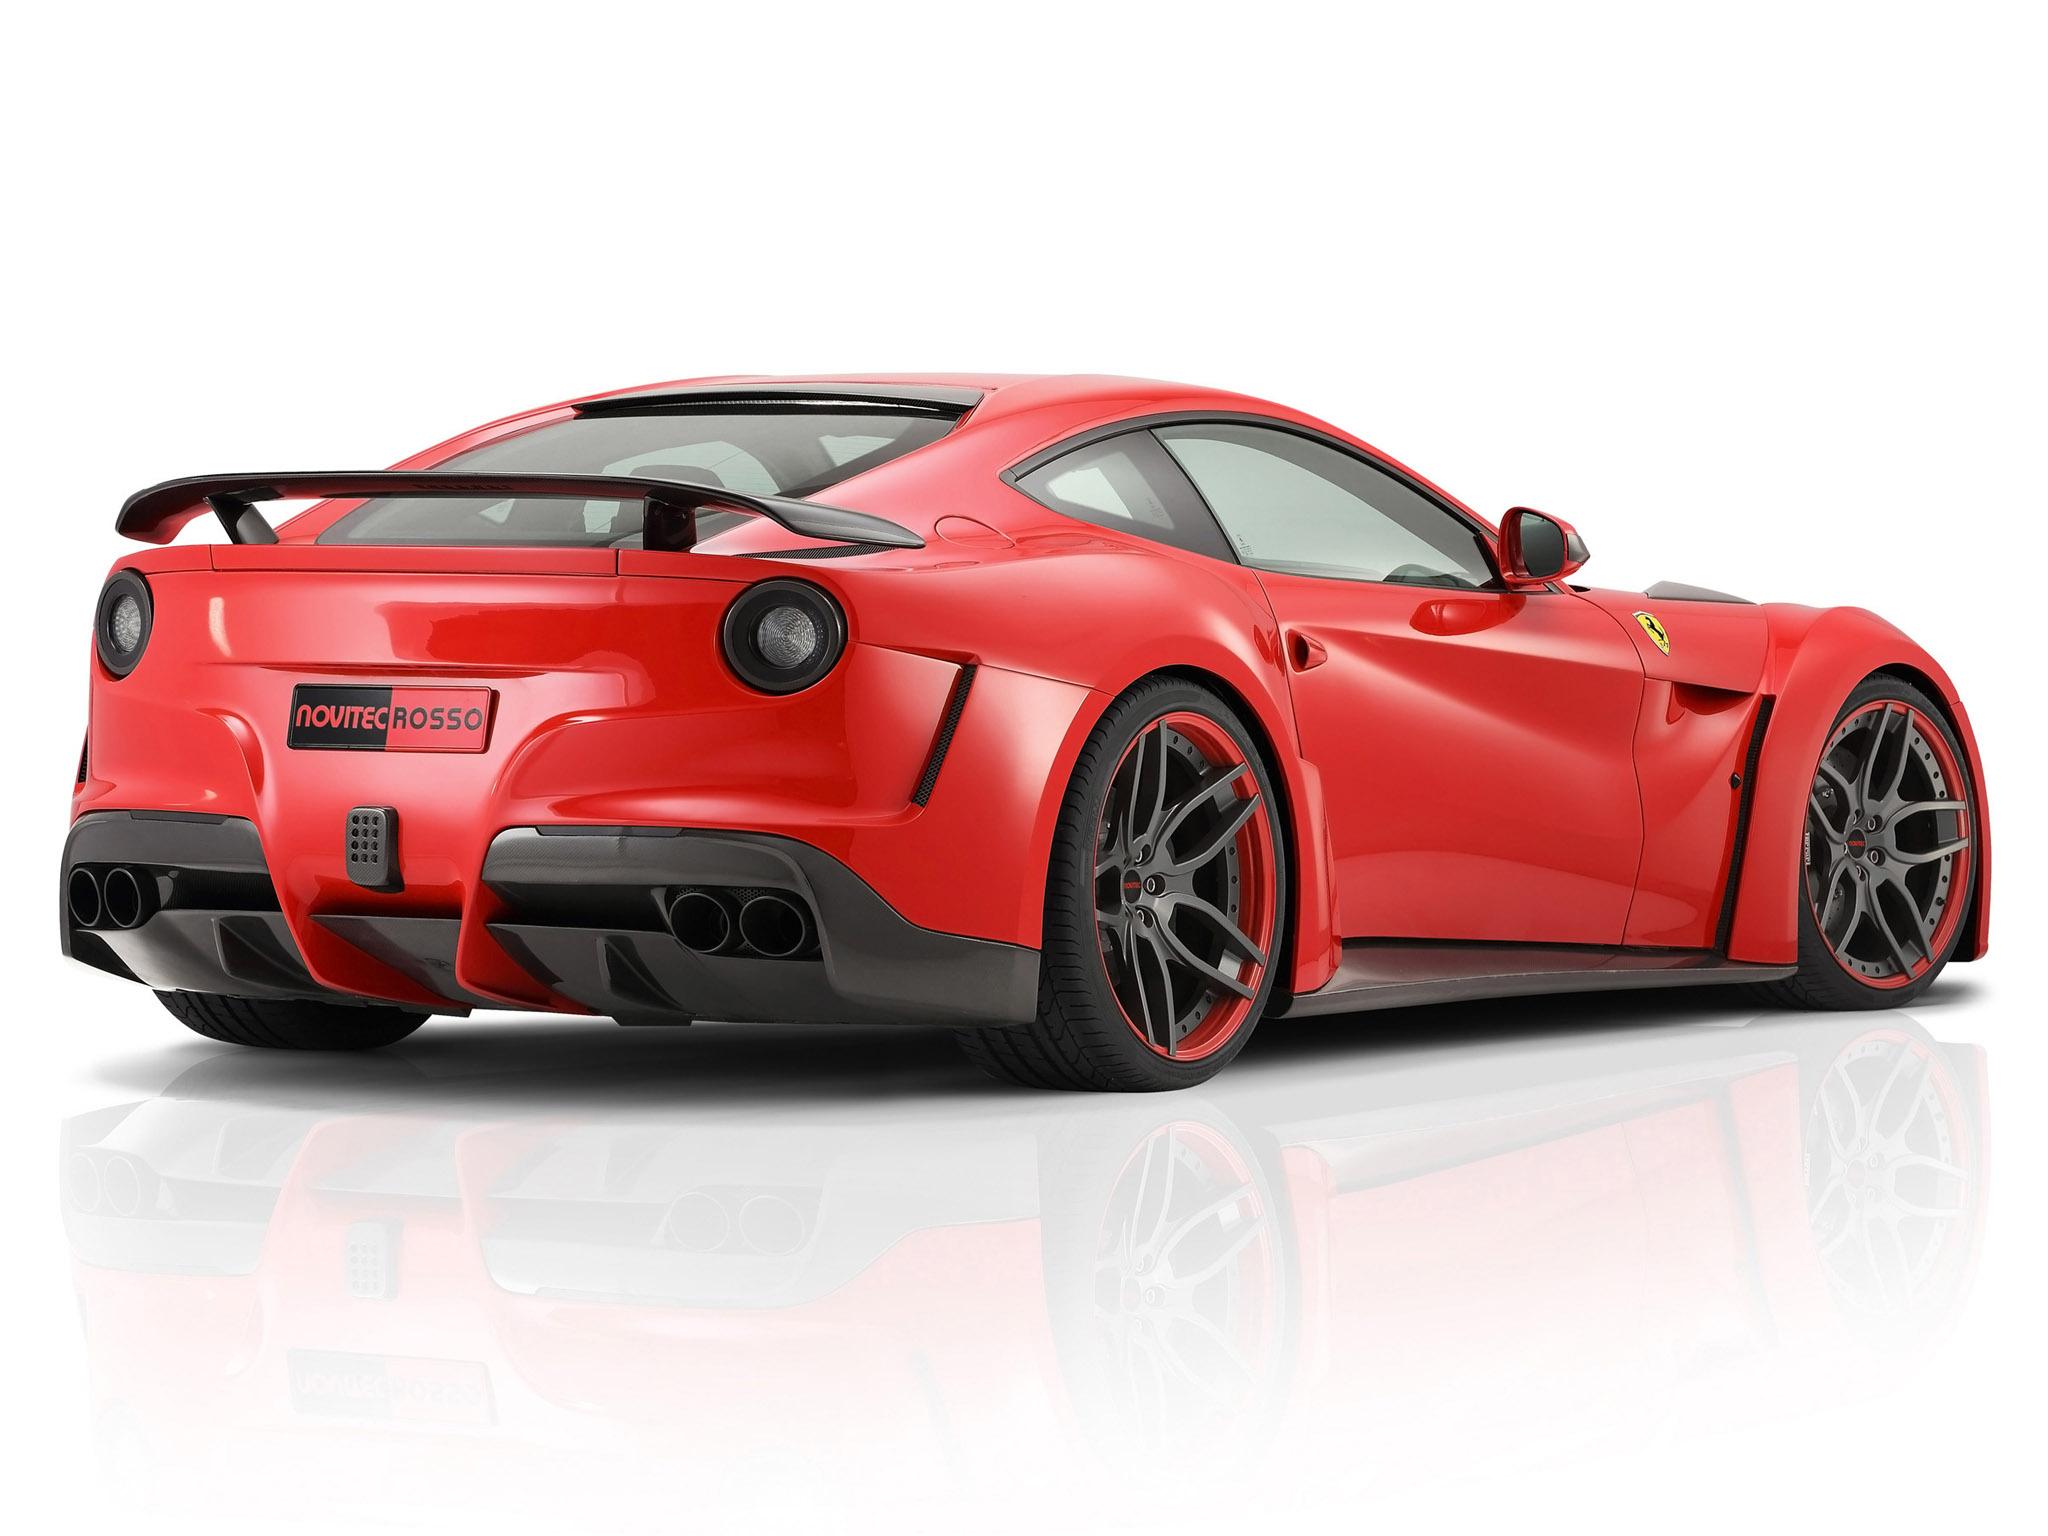 2013 Ferrari F12 N-Largo - Novitec